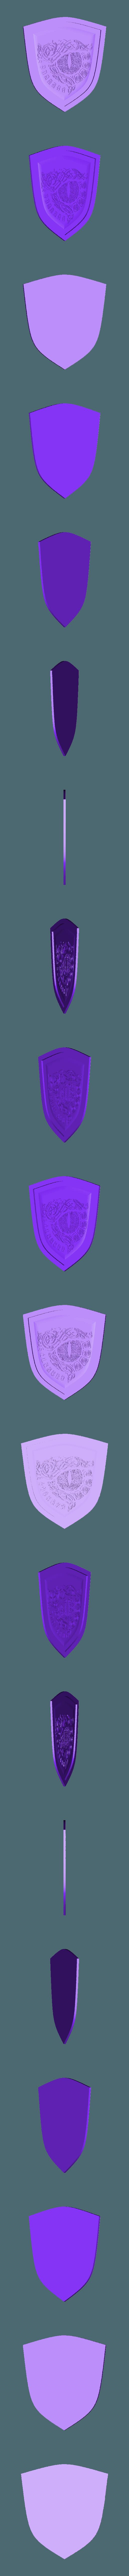 oeil_odin.stl Télécharger fichier STL gratuit Oeil d'Odin - Odin's Eye • Modèle imprimable en 3D, yb__magiic